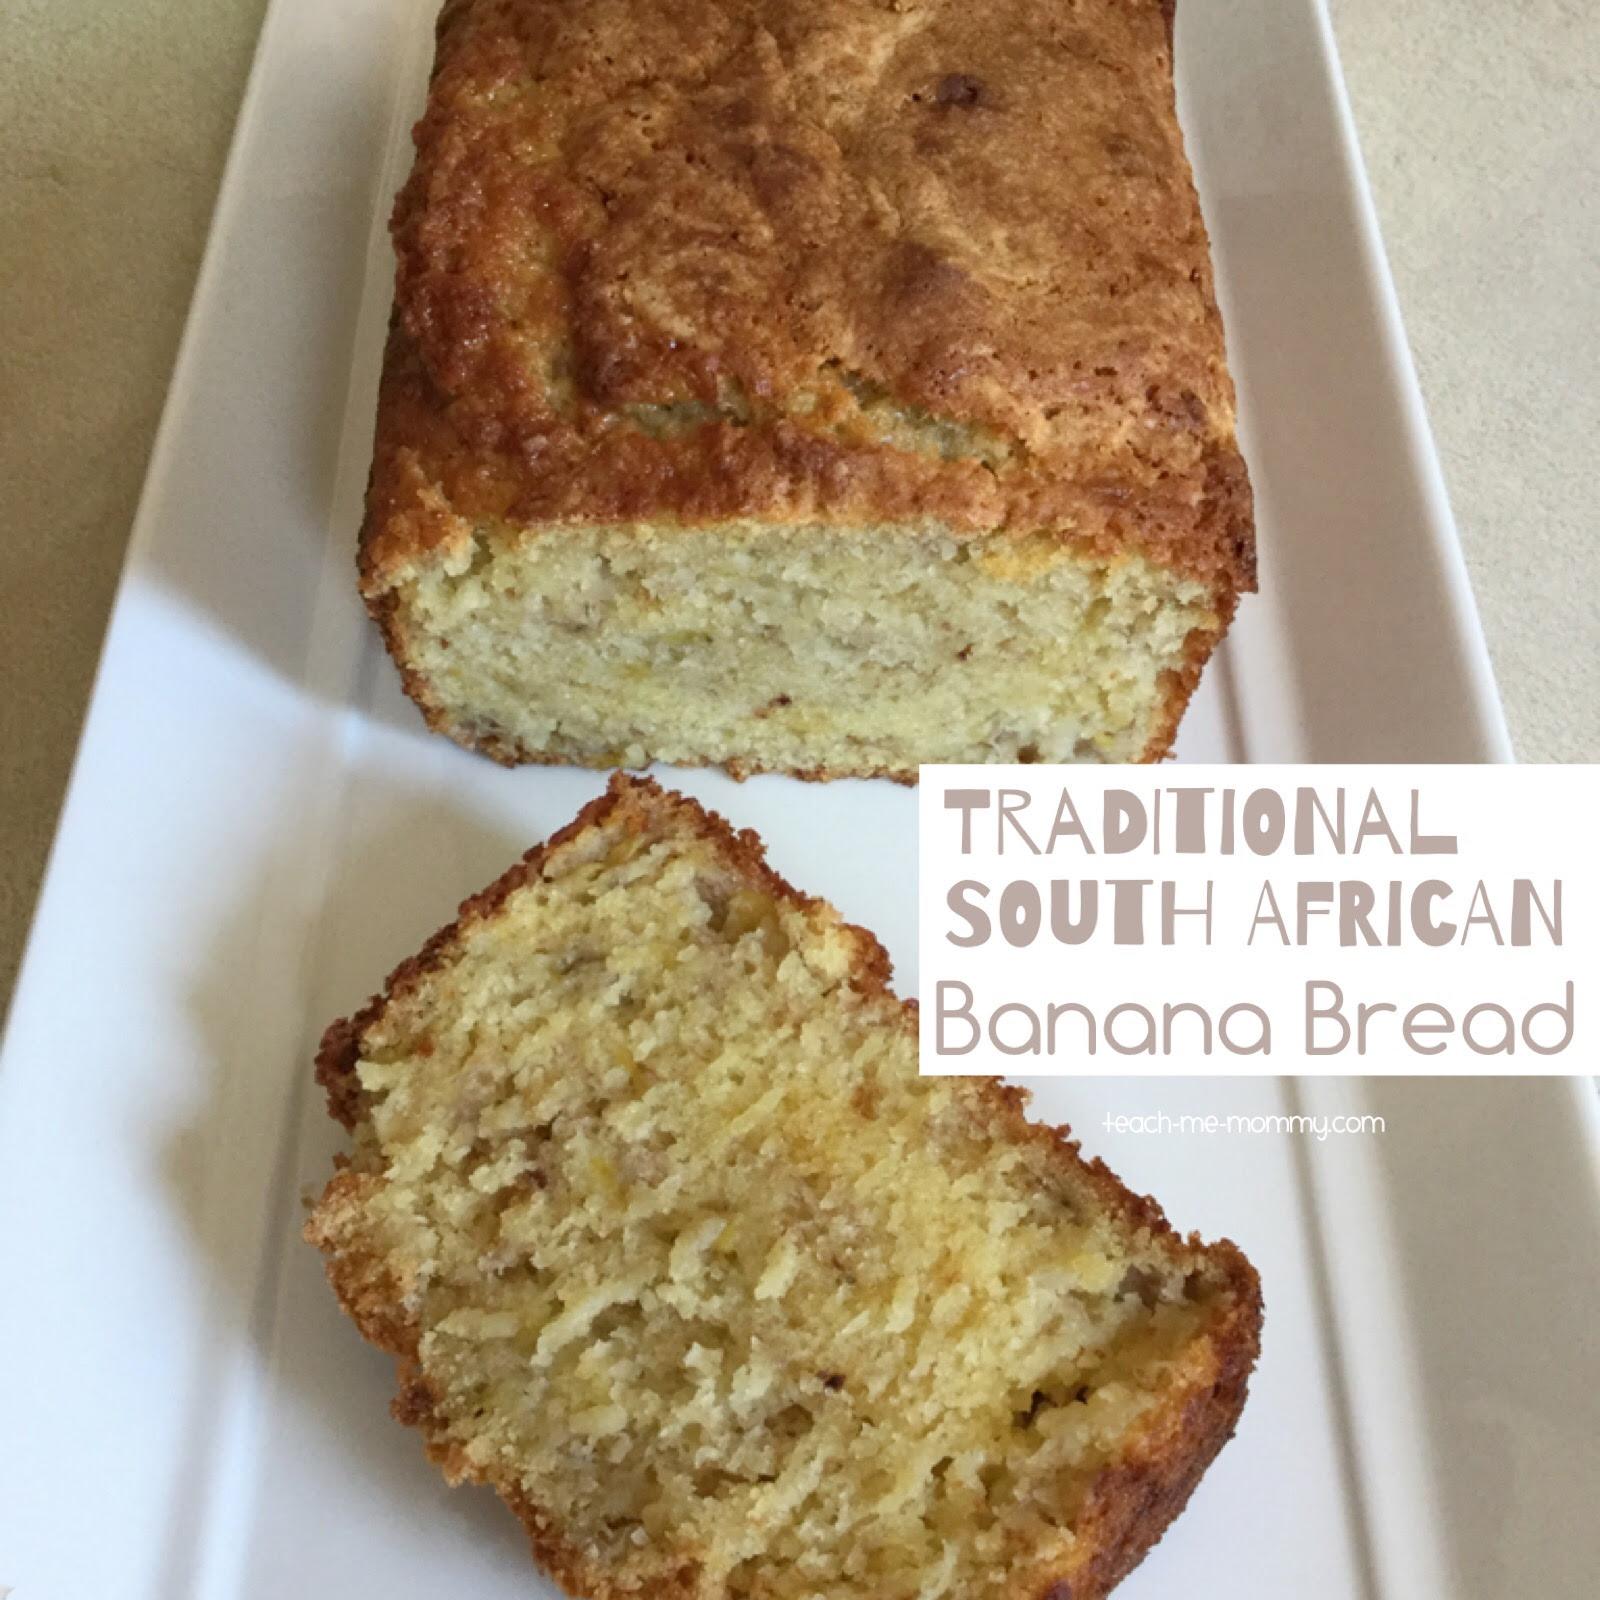 South African Banana Bread - Teach Me Mommy